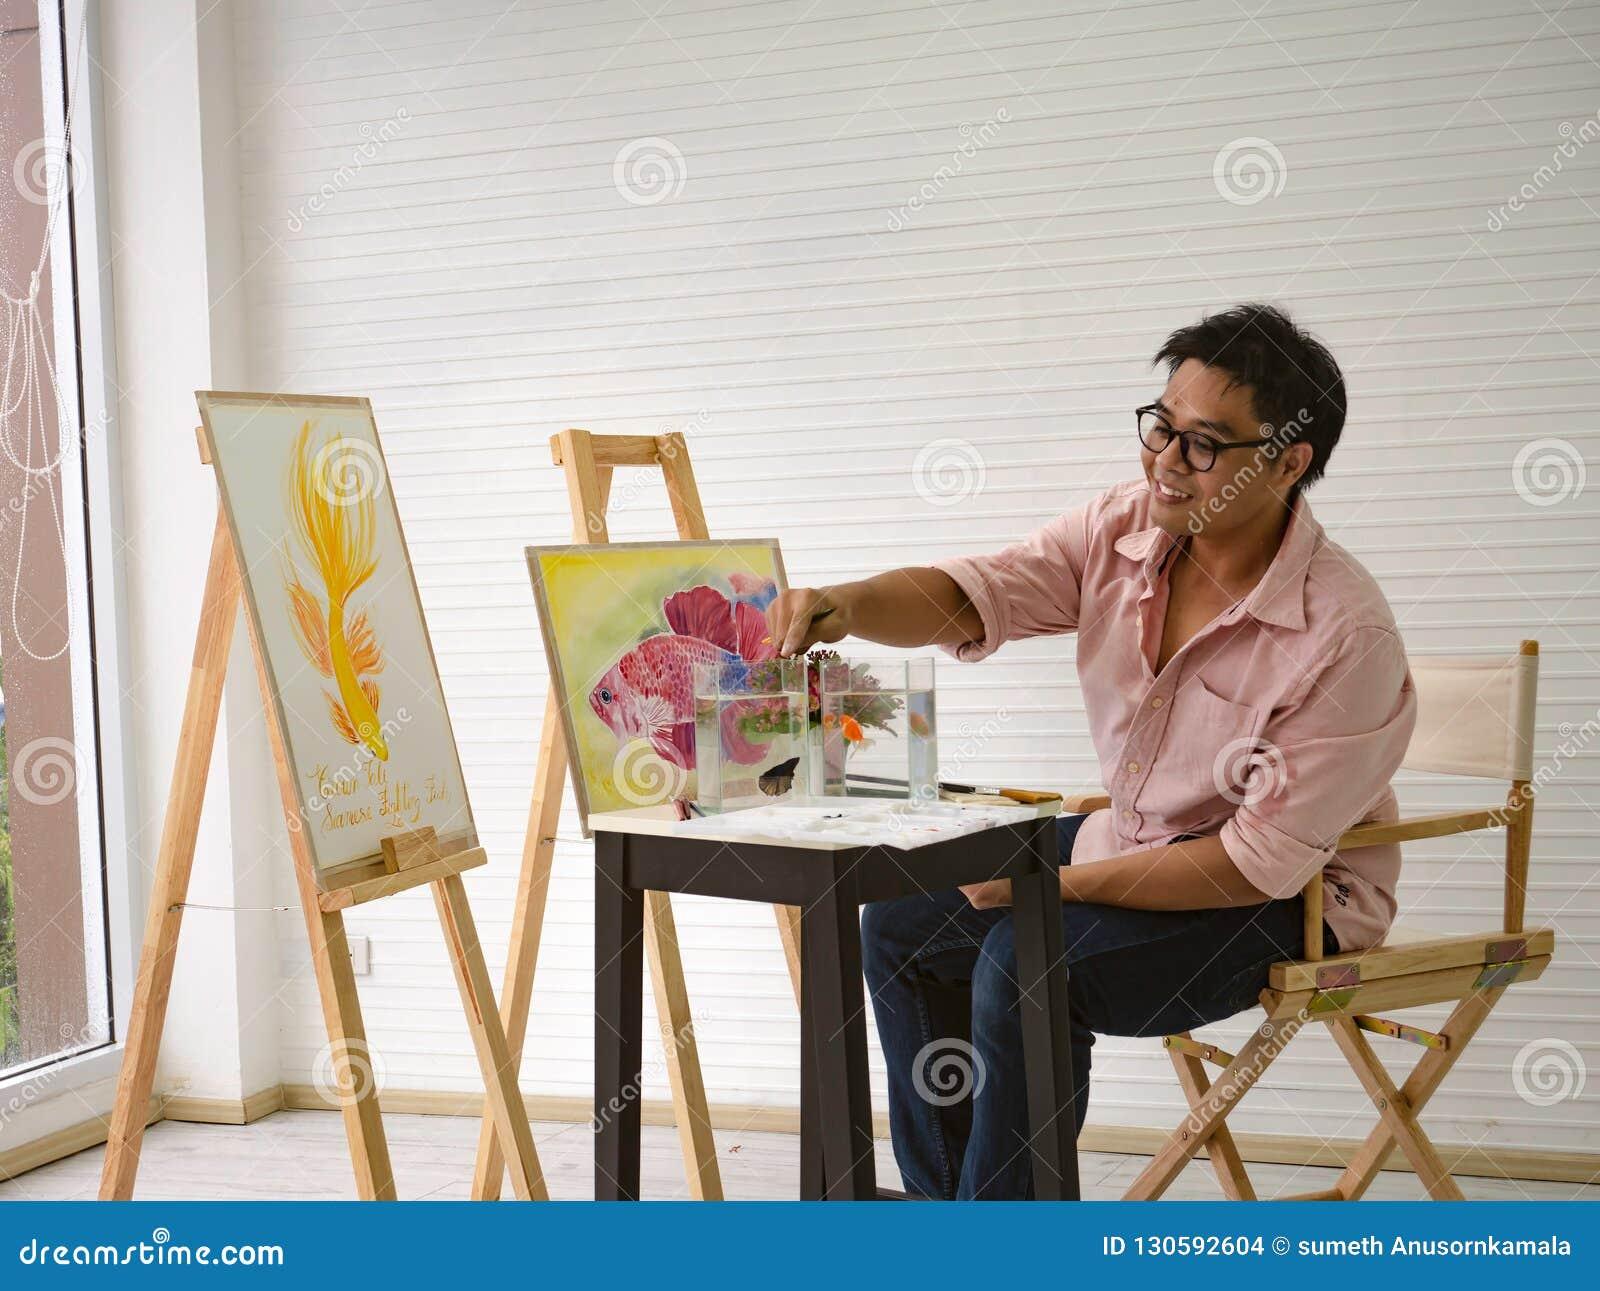 De jonge volwassen Mannelijke waterverfkunstenaar Feeding de vissen terwijl het trekken van de vissen schildert,